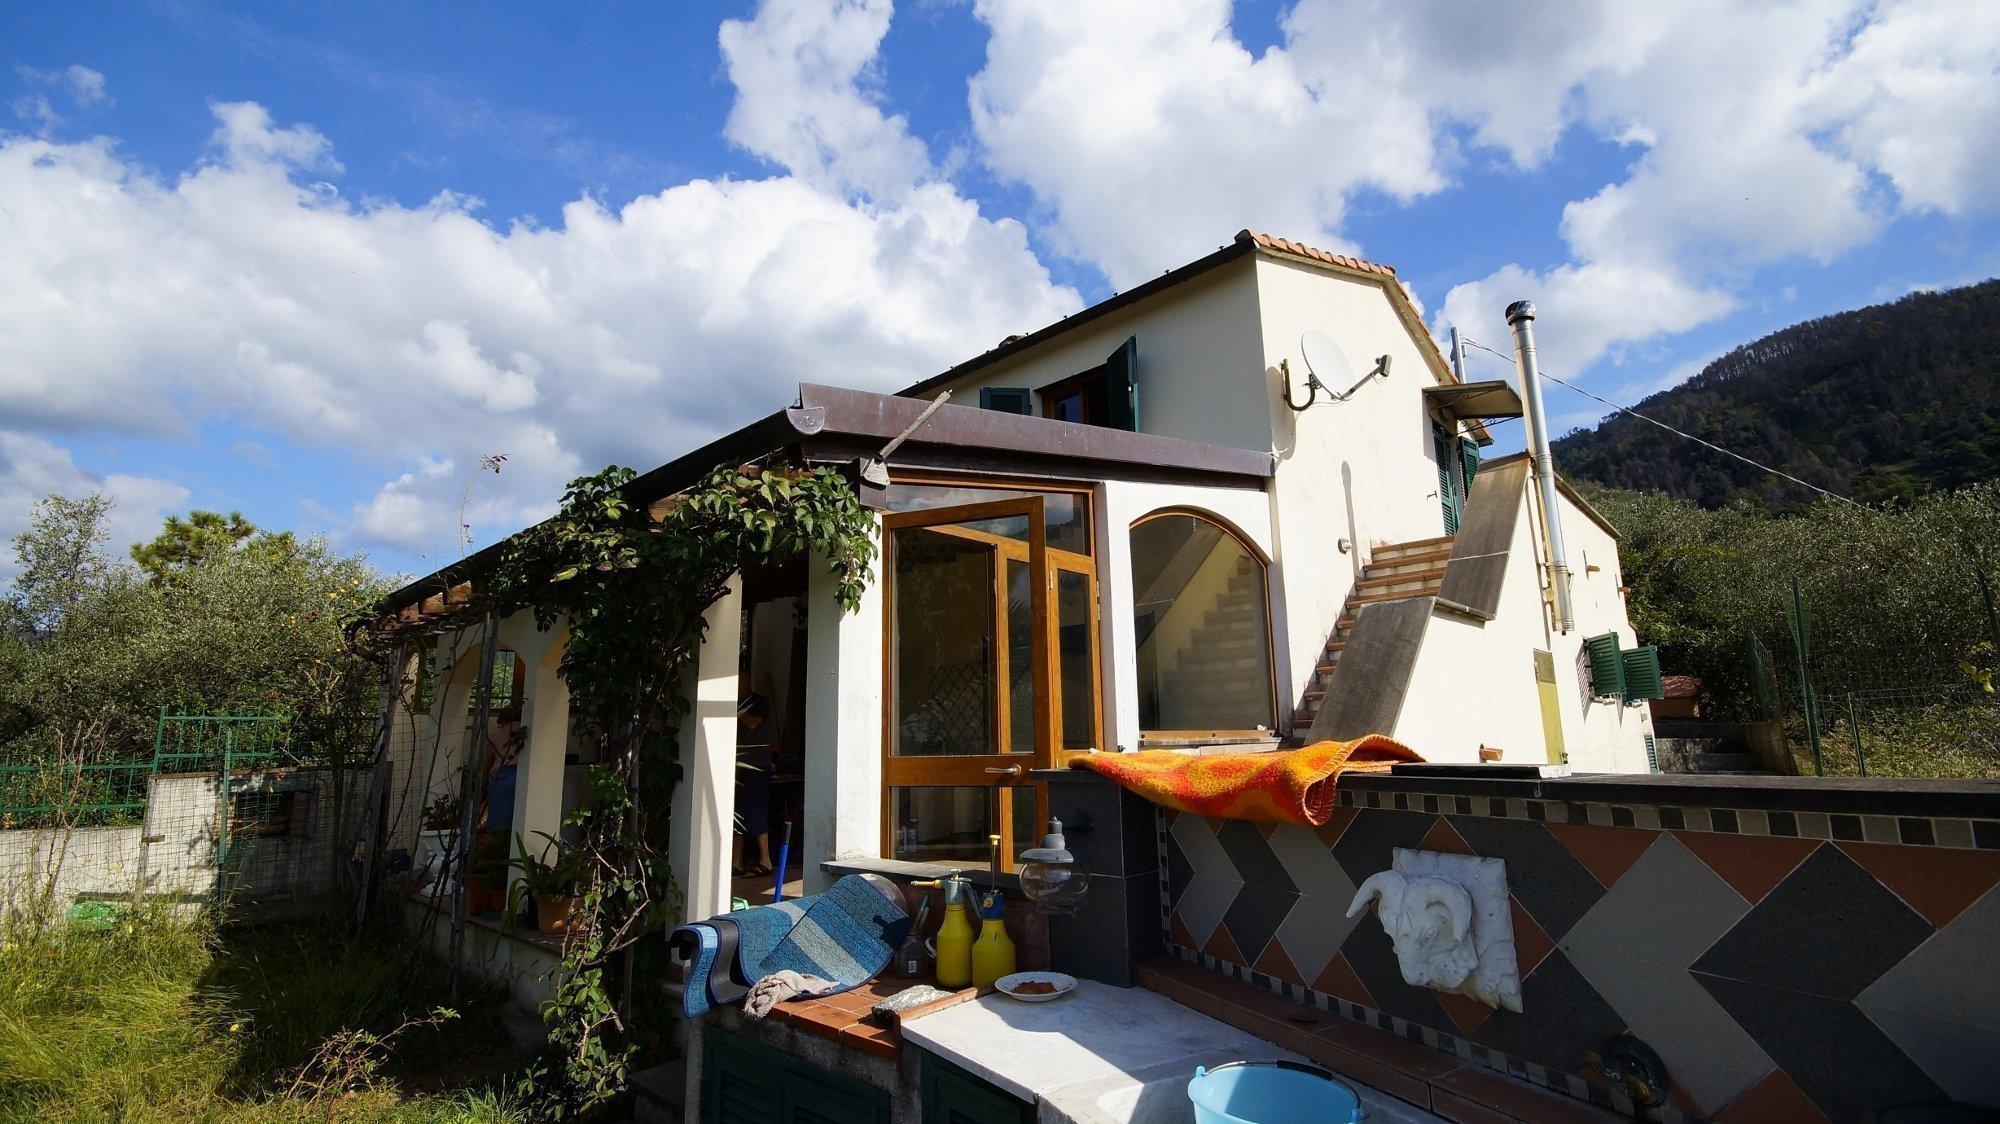 Levanto villetta in vendita a ridarolo agenzia immobilpro - Agenzia immobiliare levanto ...